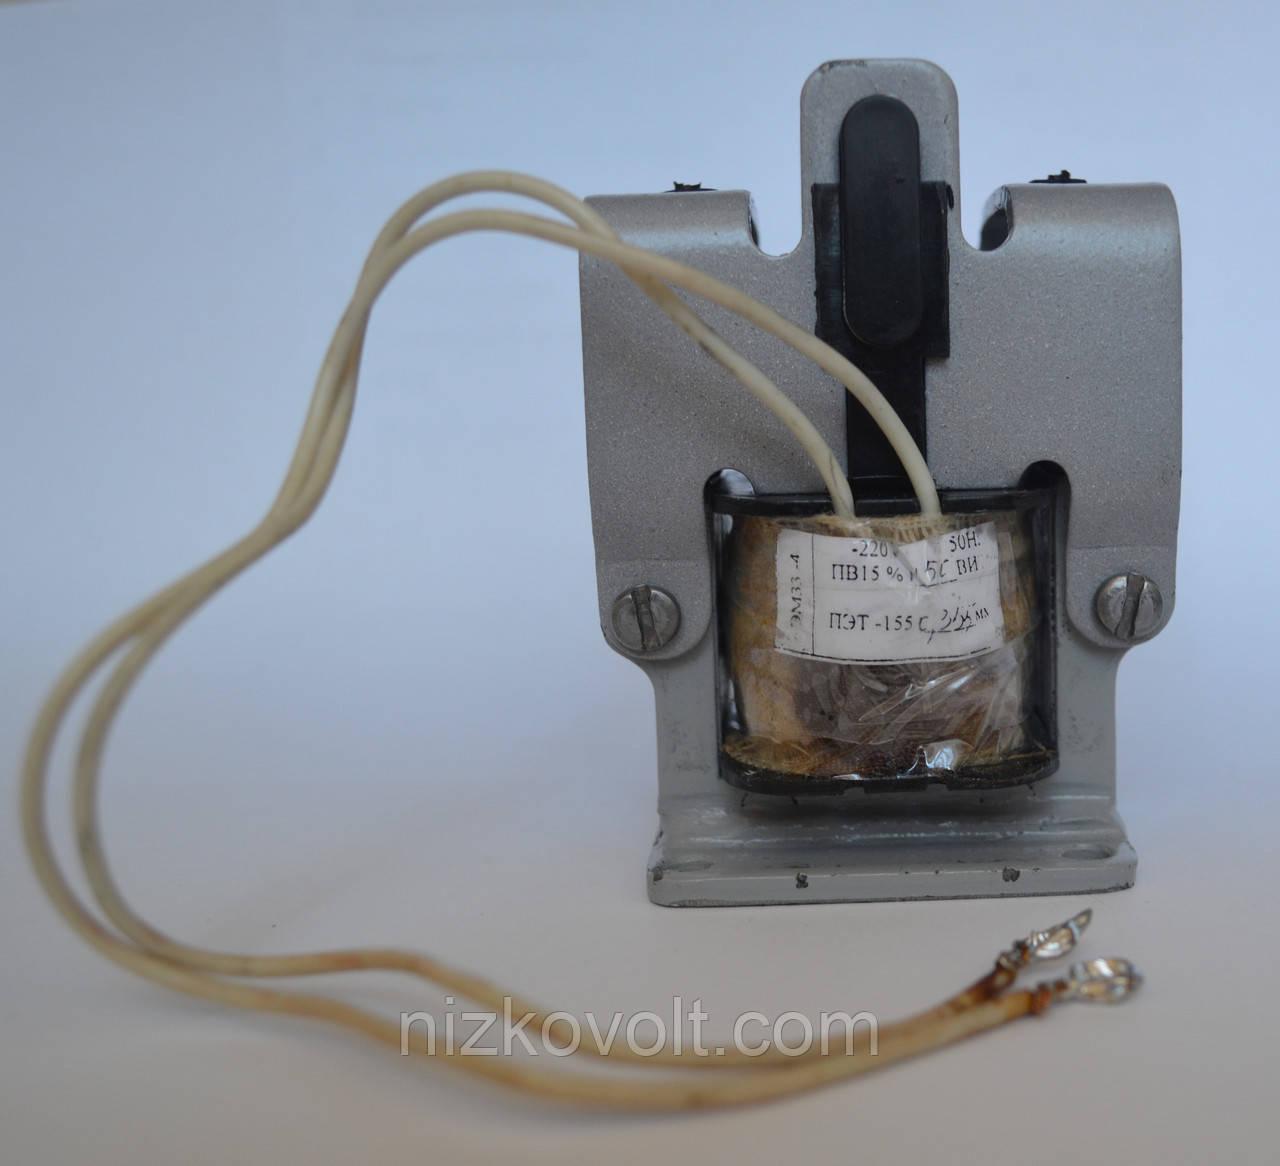 Электромагниты ЭМ 33-4, ЭМ 33-5 переменного тока, фото 1